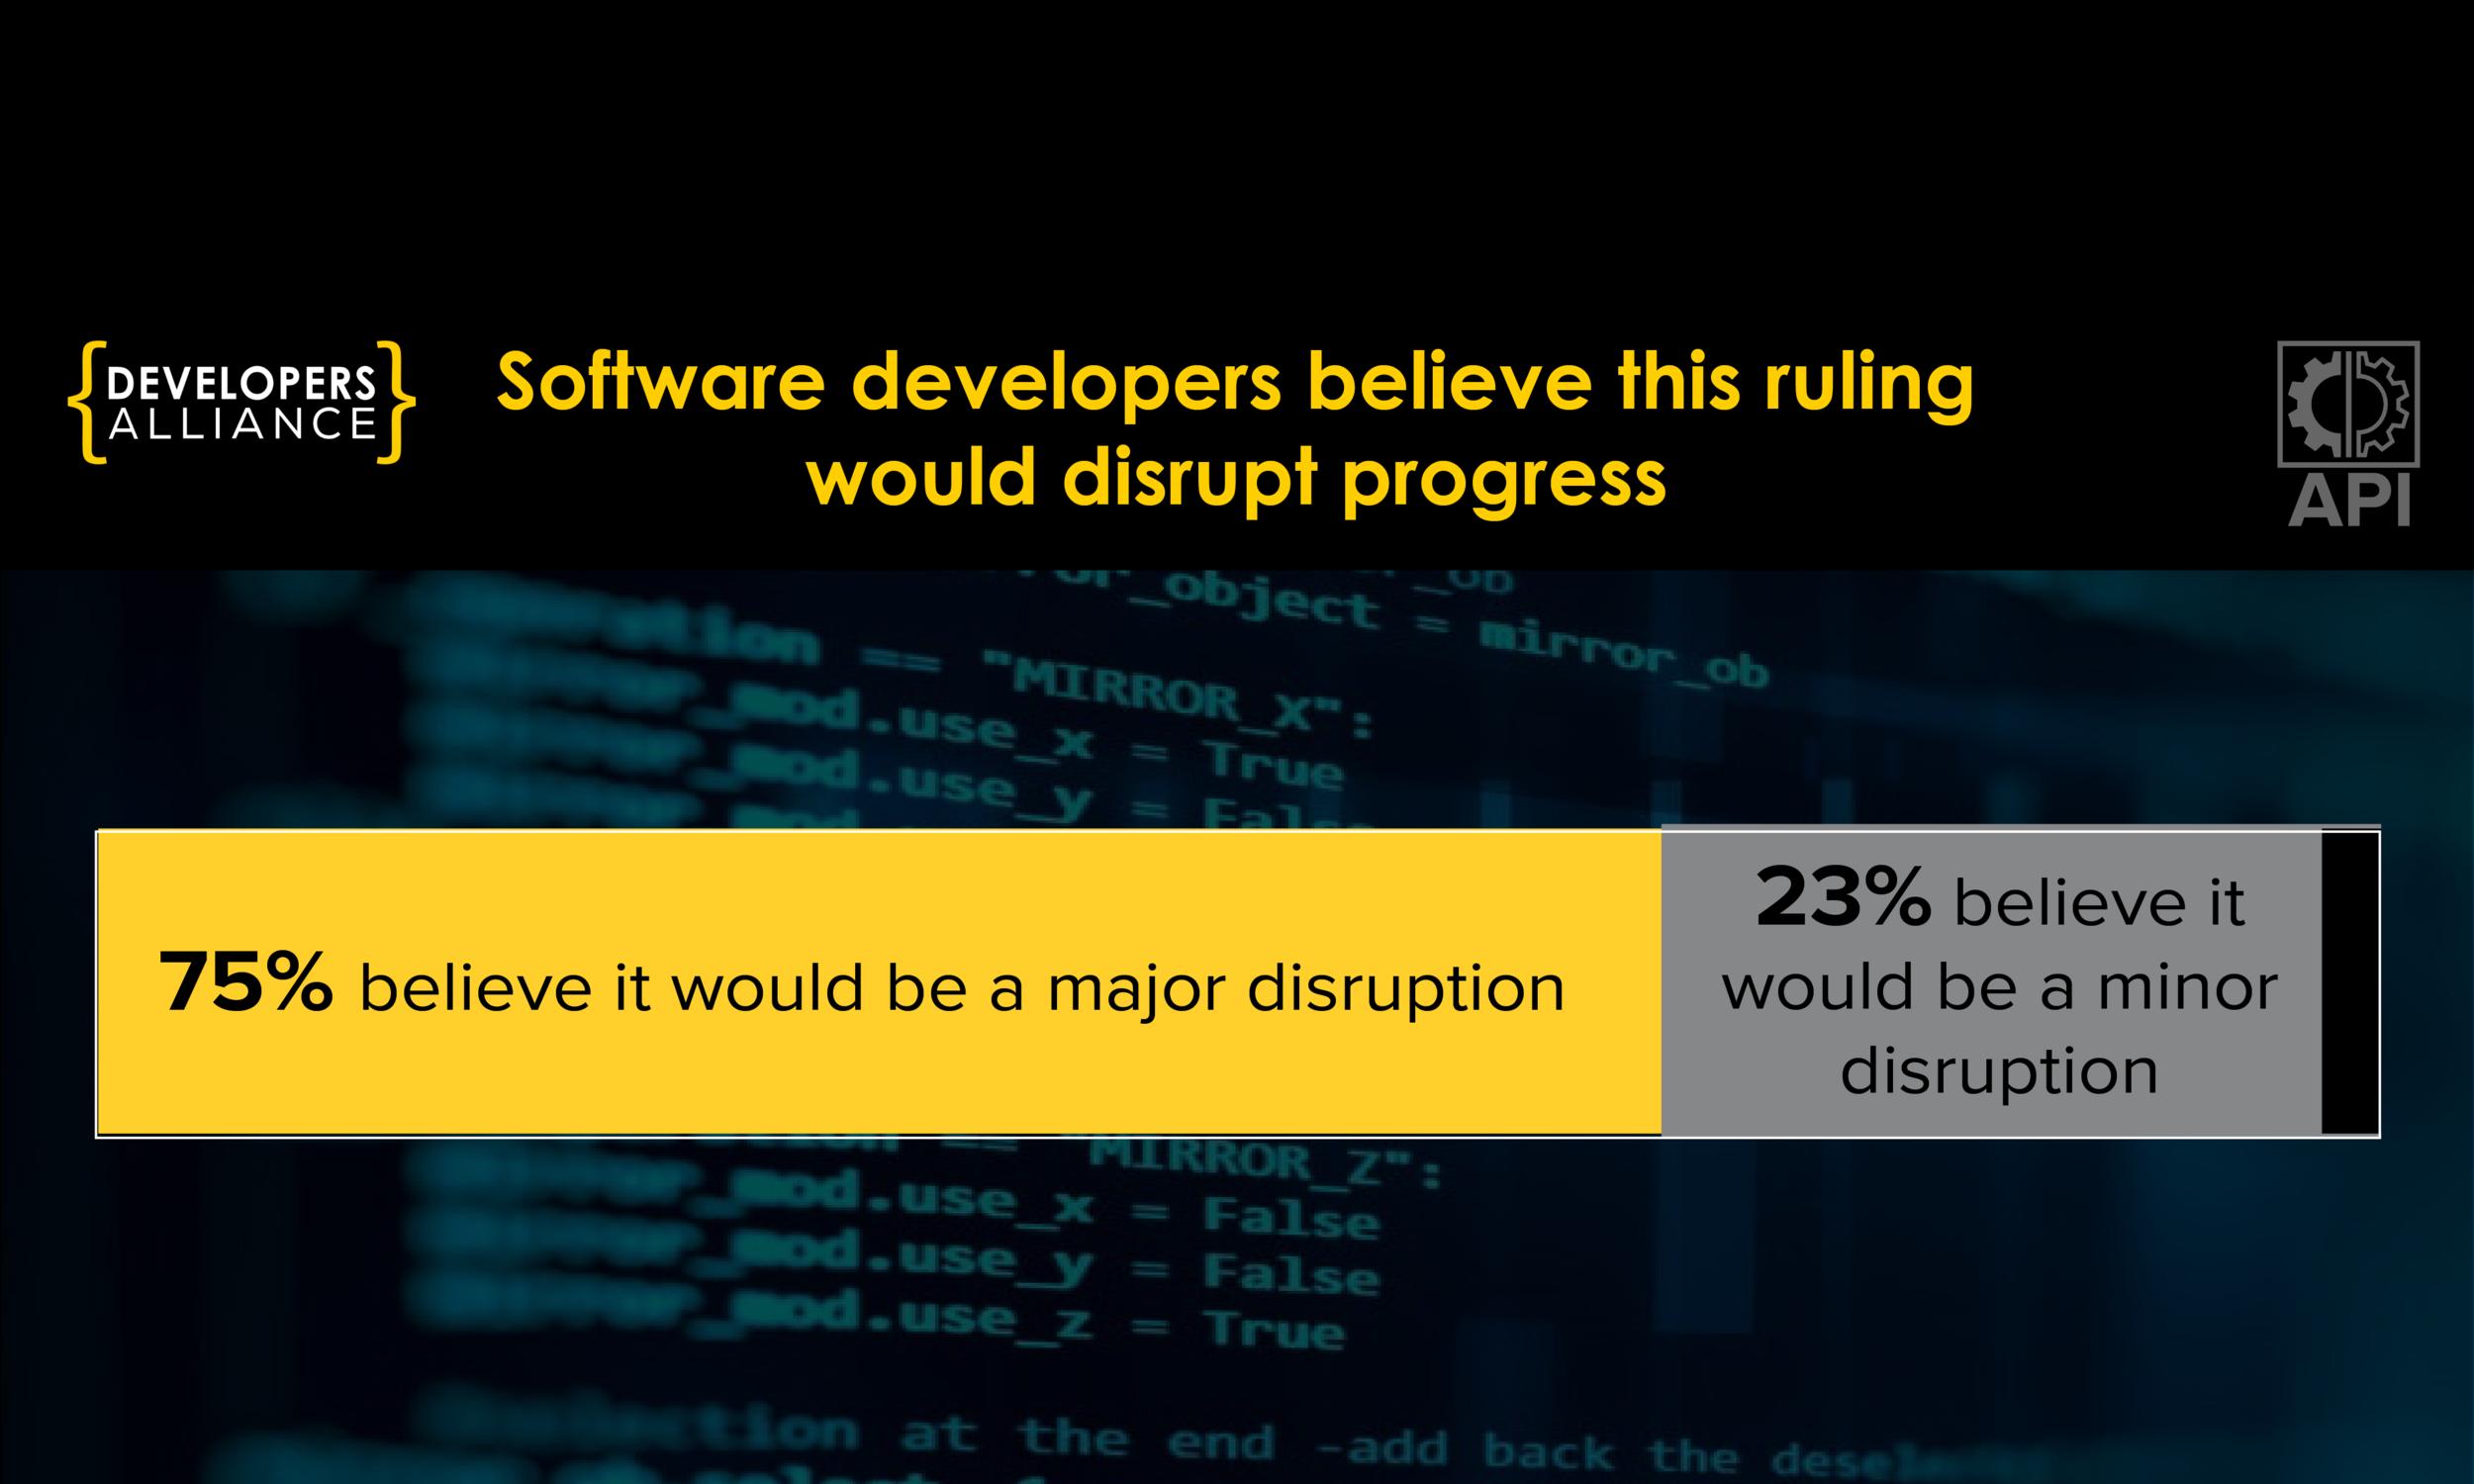 75% believe it would be a major disruption. 23% believe it would be a minor disruption.